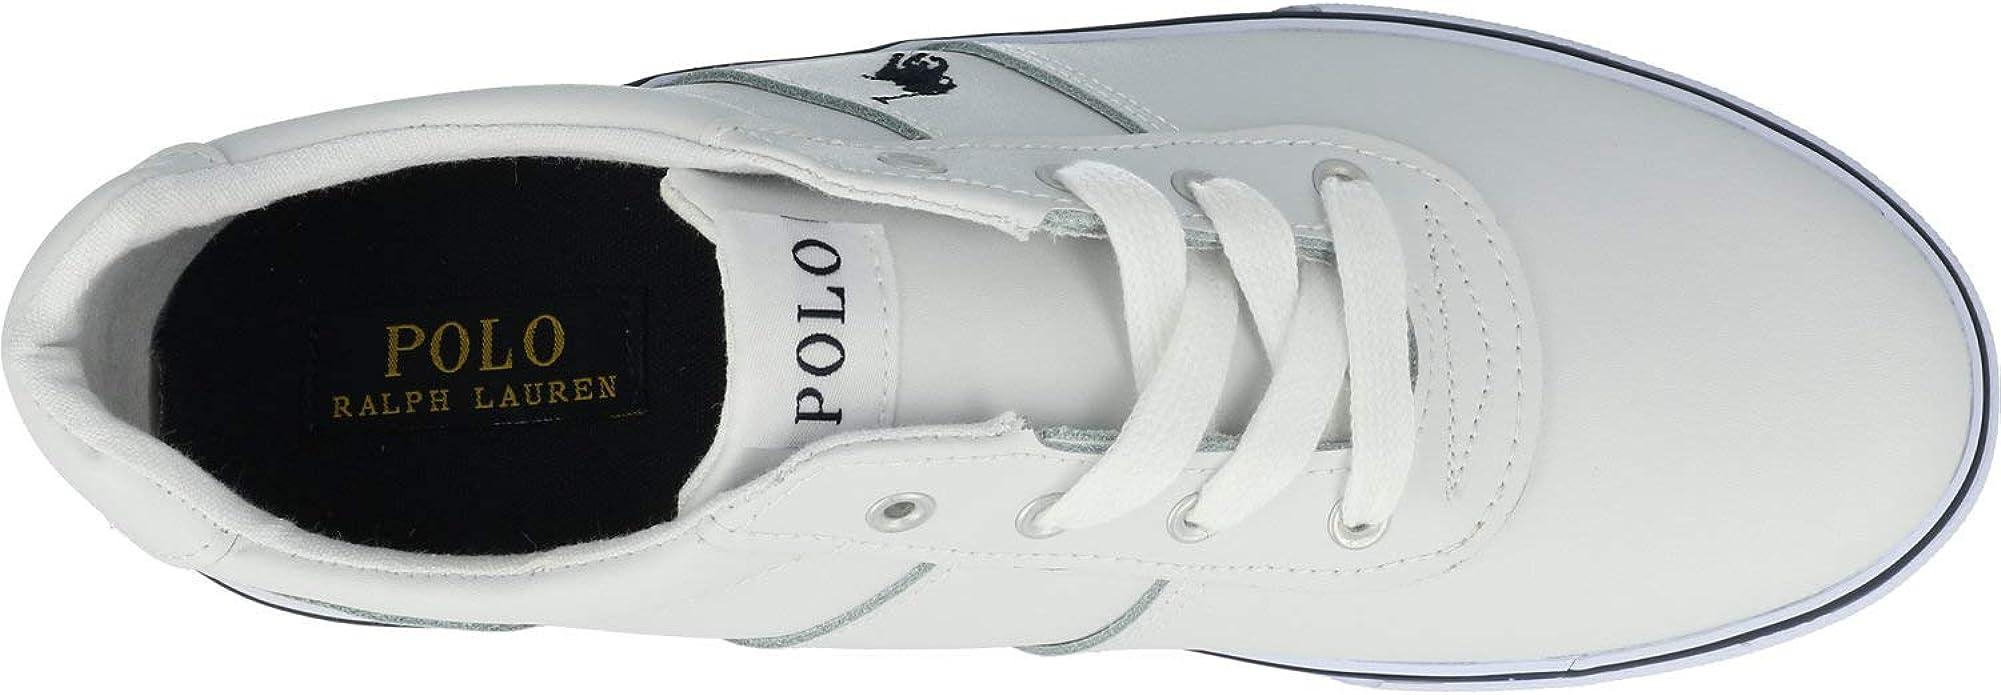 Polo Ralph Lauren Hanford Armada/Blanco Cuero 36 EU: Amazon.es ...